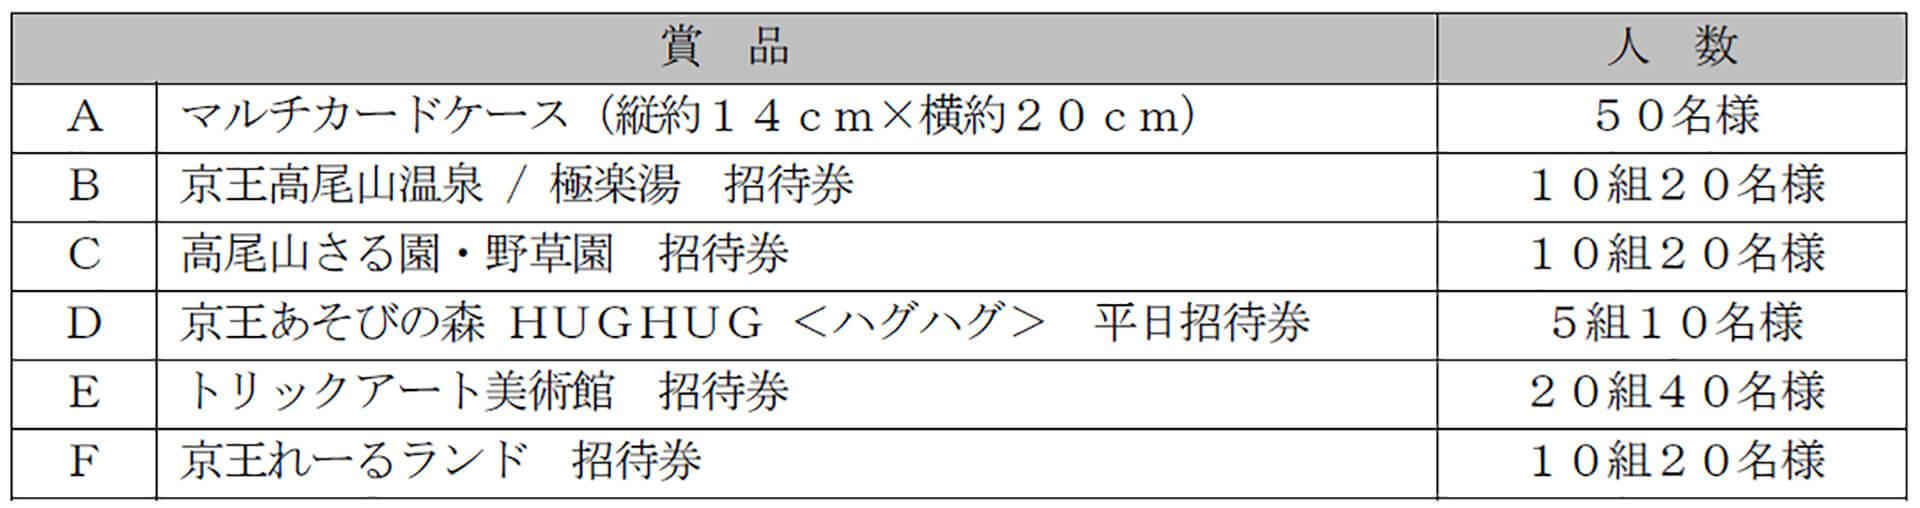 高尾山の冬そばキャンペーン商品リスト